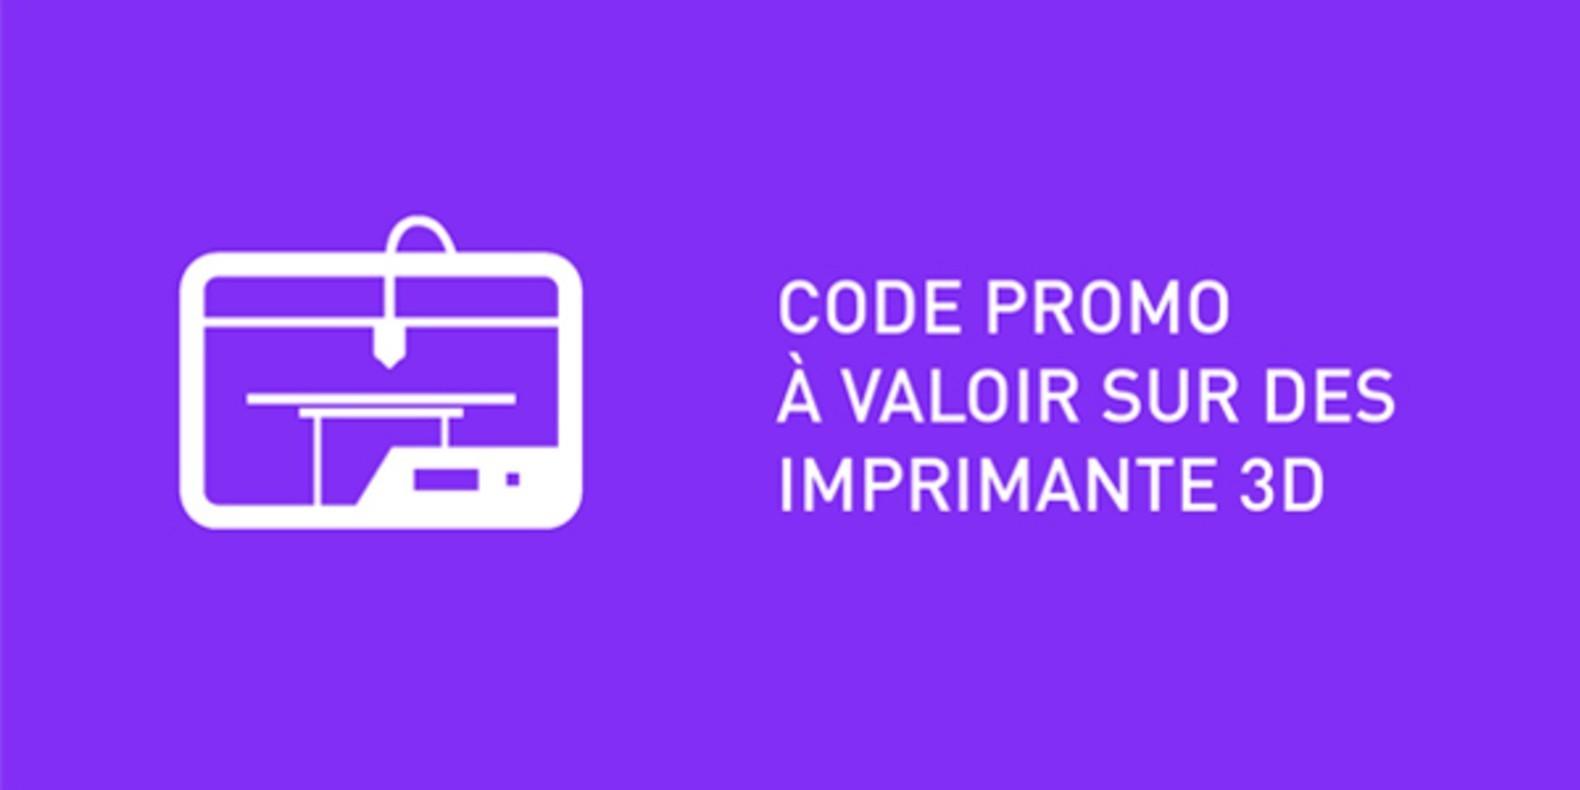 Code promo sur des imprimantes 3D